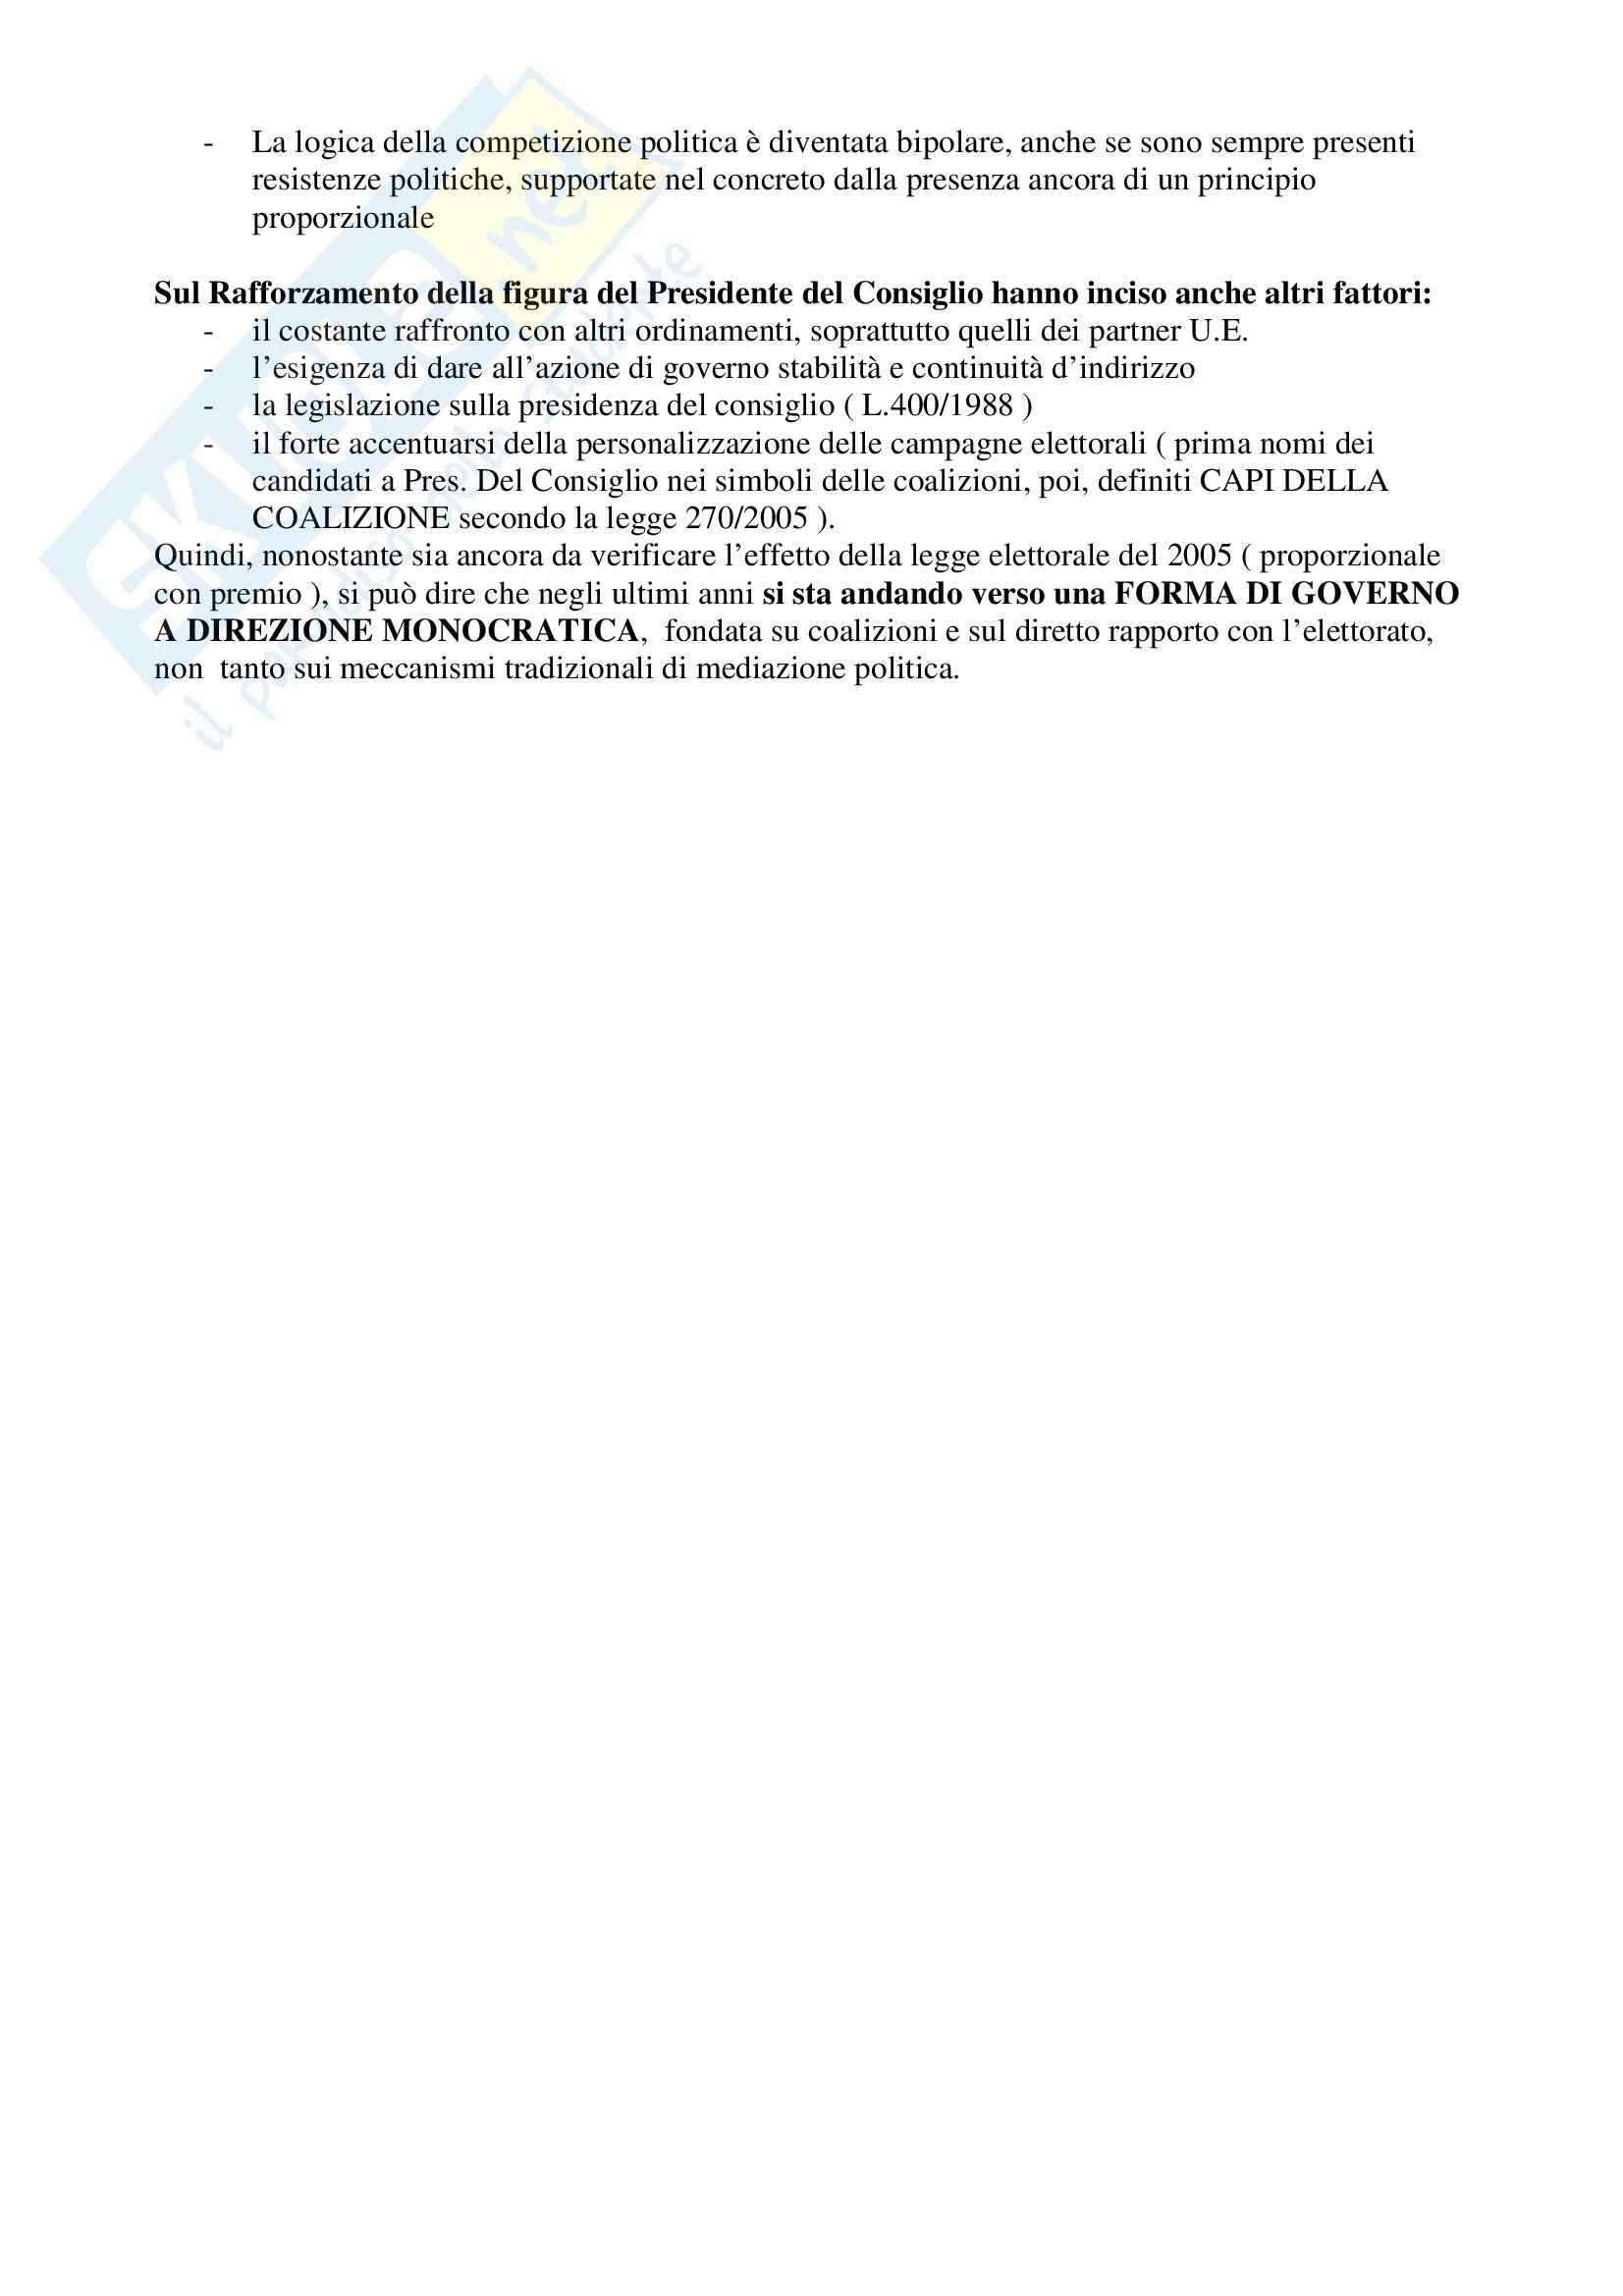 Risposte alle domande del manuale Barbera, Fusaro Pag. 16